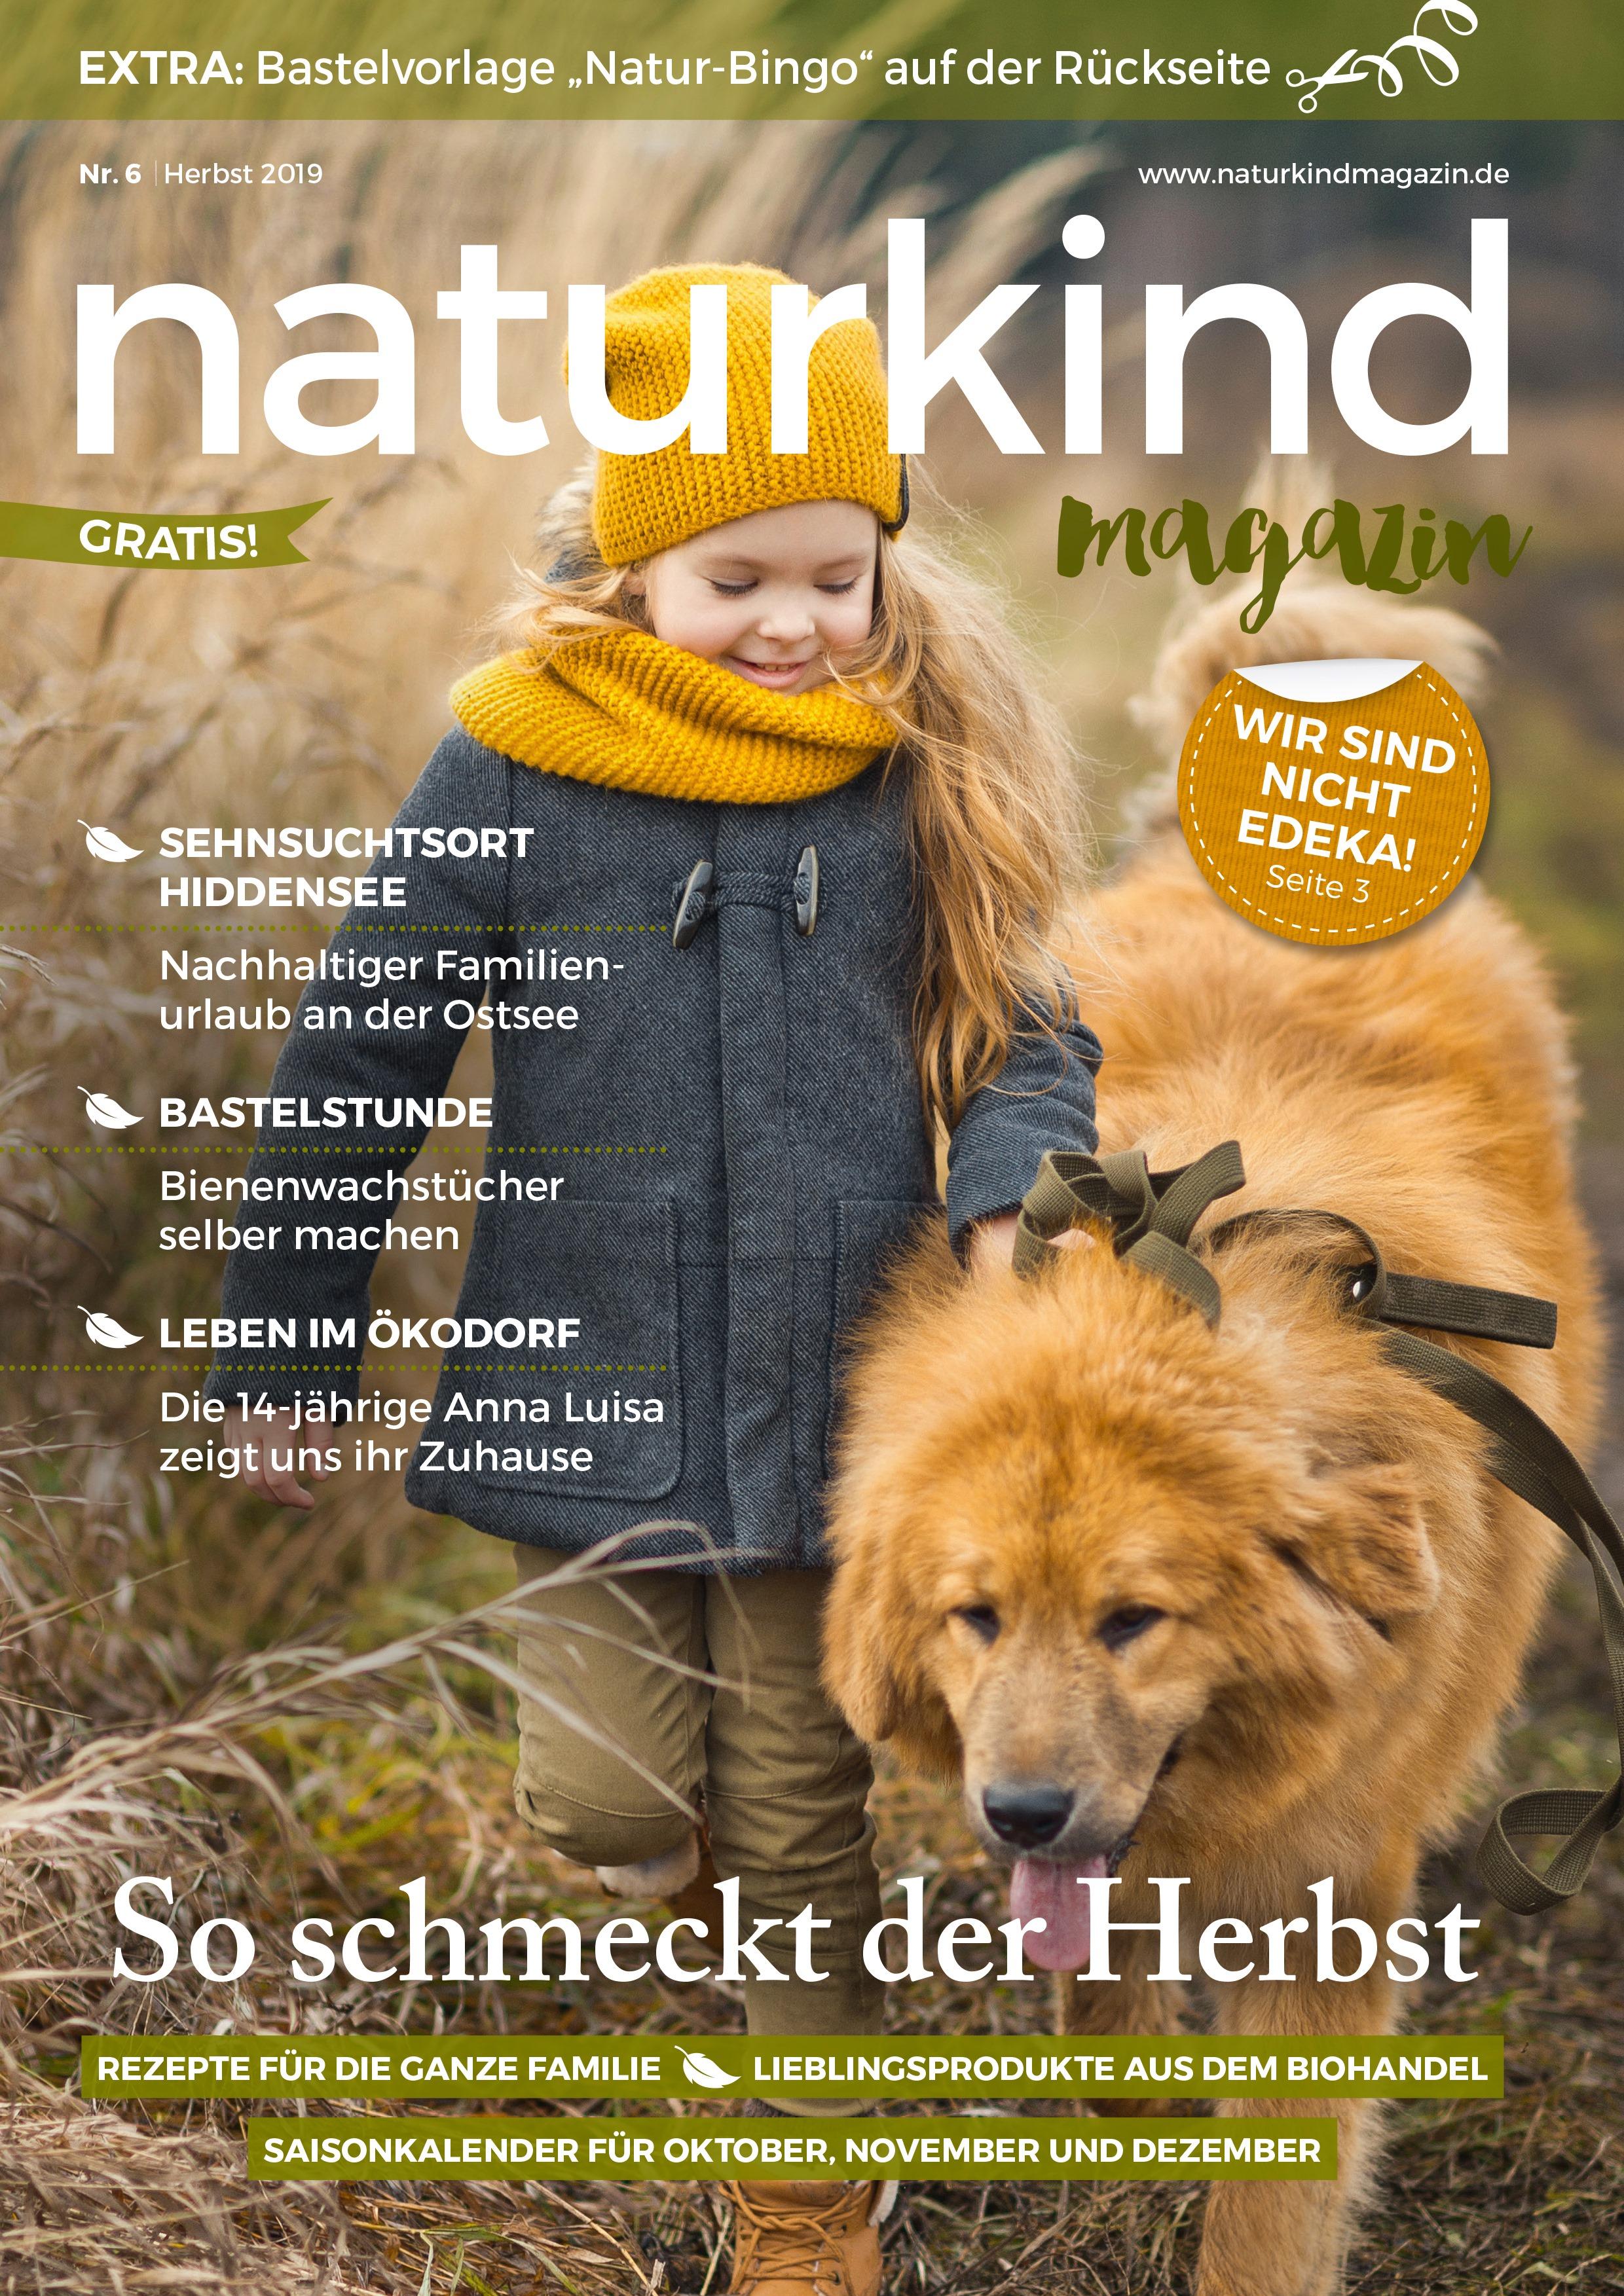 Naturkind Magazin Herbst 2019